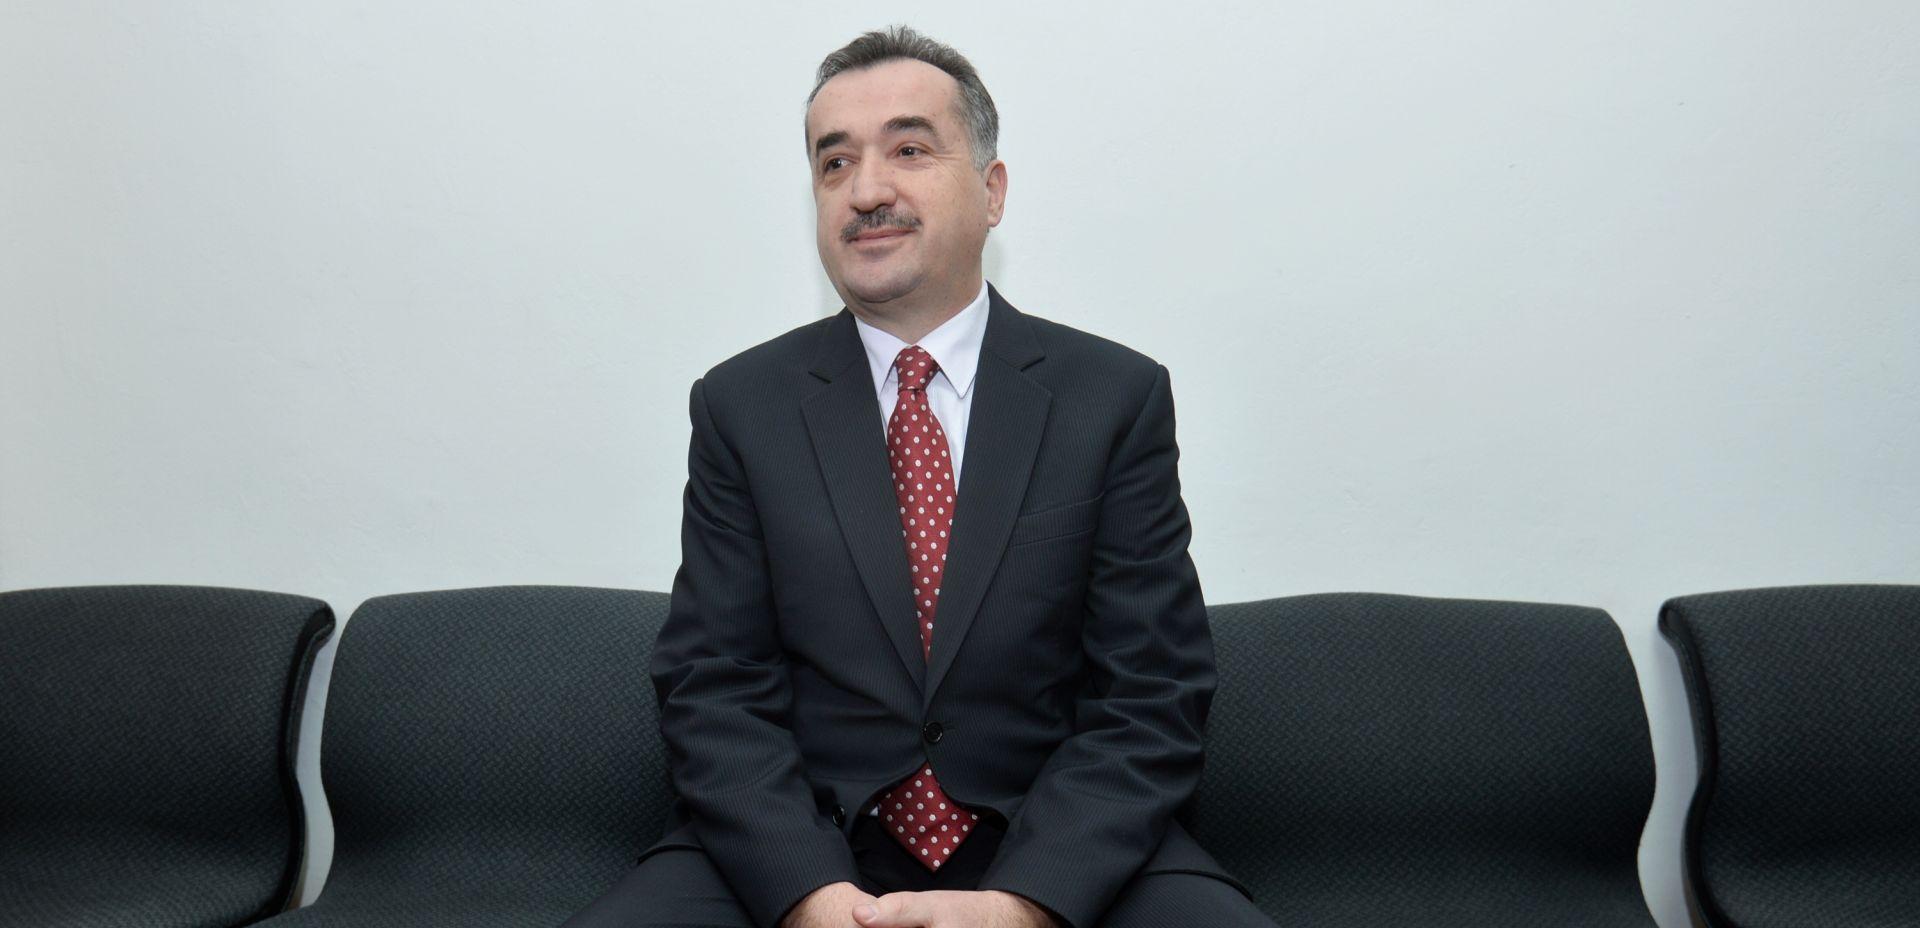 NAKON PRESUDE ŽUPANIJSKOG SUDA Josip Miljak dao ostavku na dužnost predsjednika HČSP-a